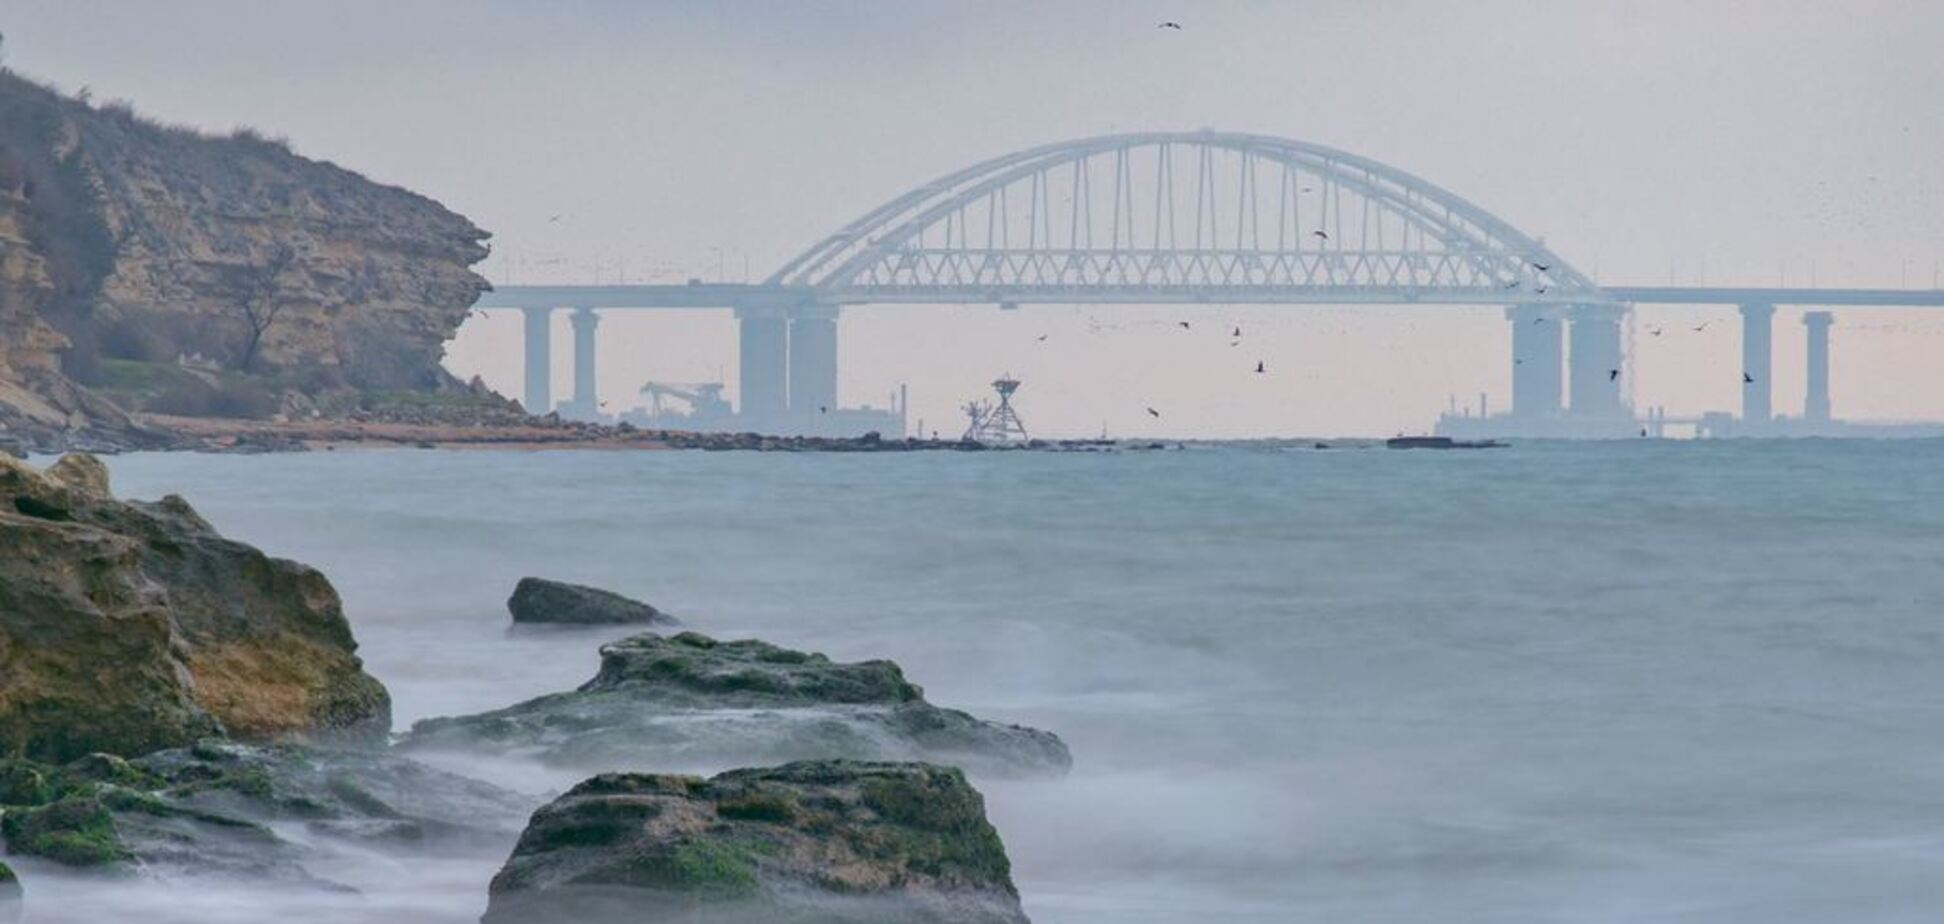 'Найбезпечніший на планеті': росЗМІ розсекретили 'оборону' Кримського моста